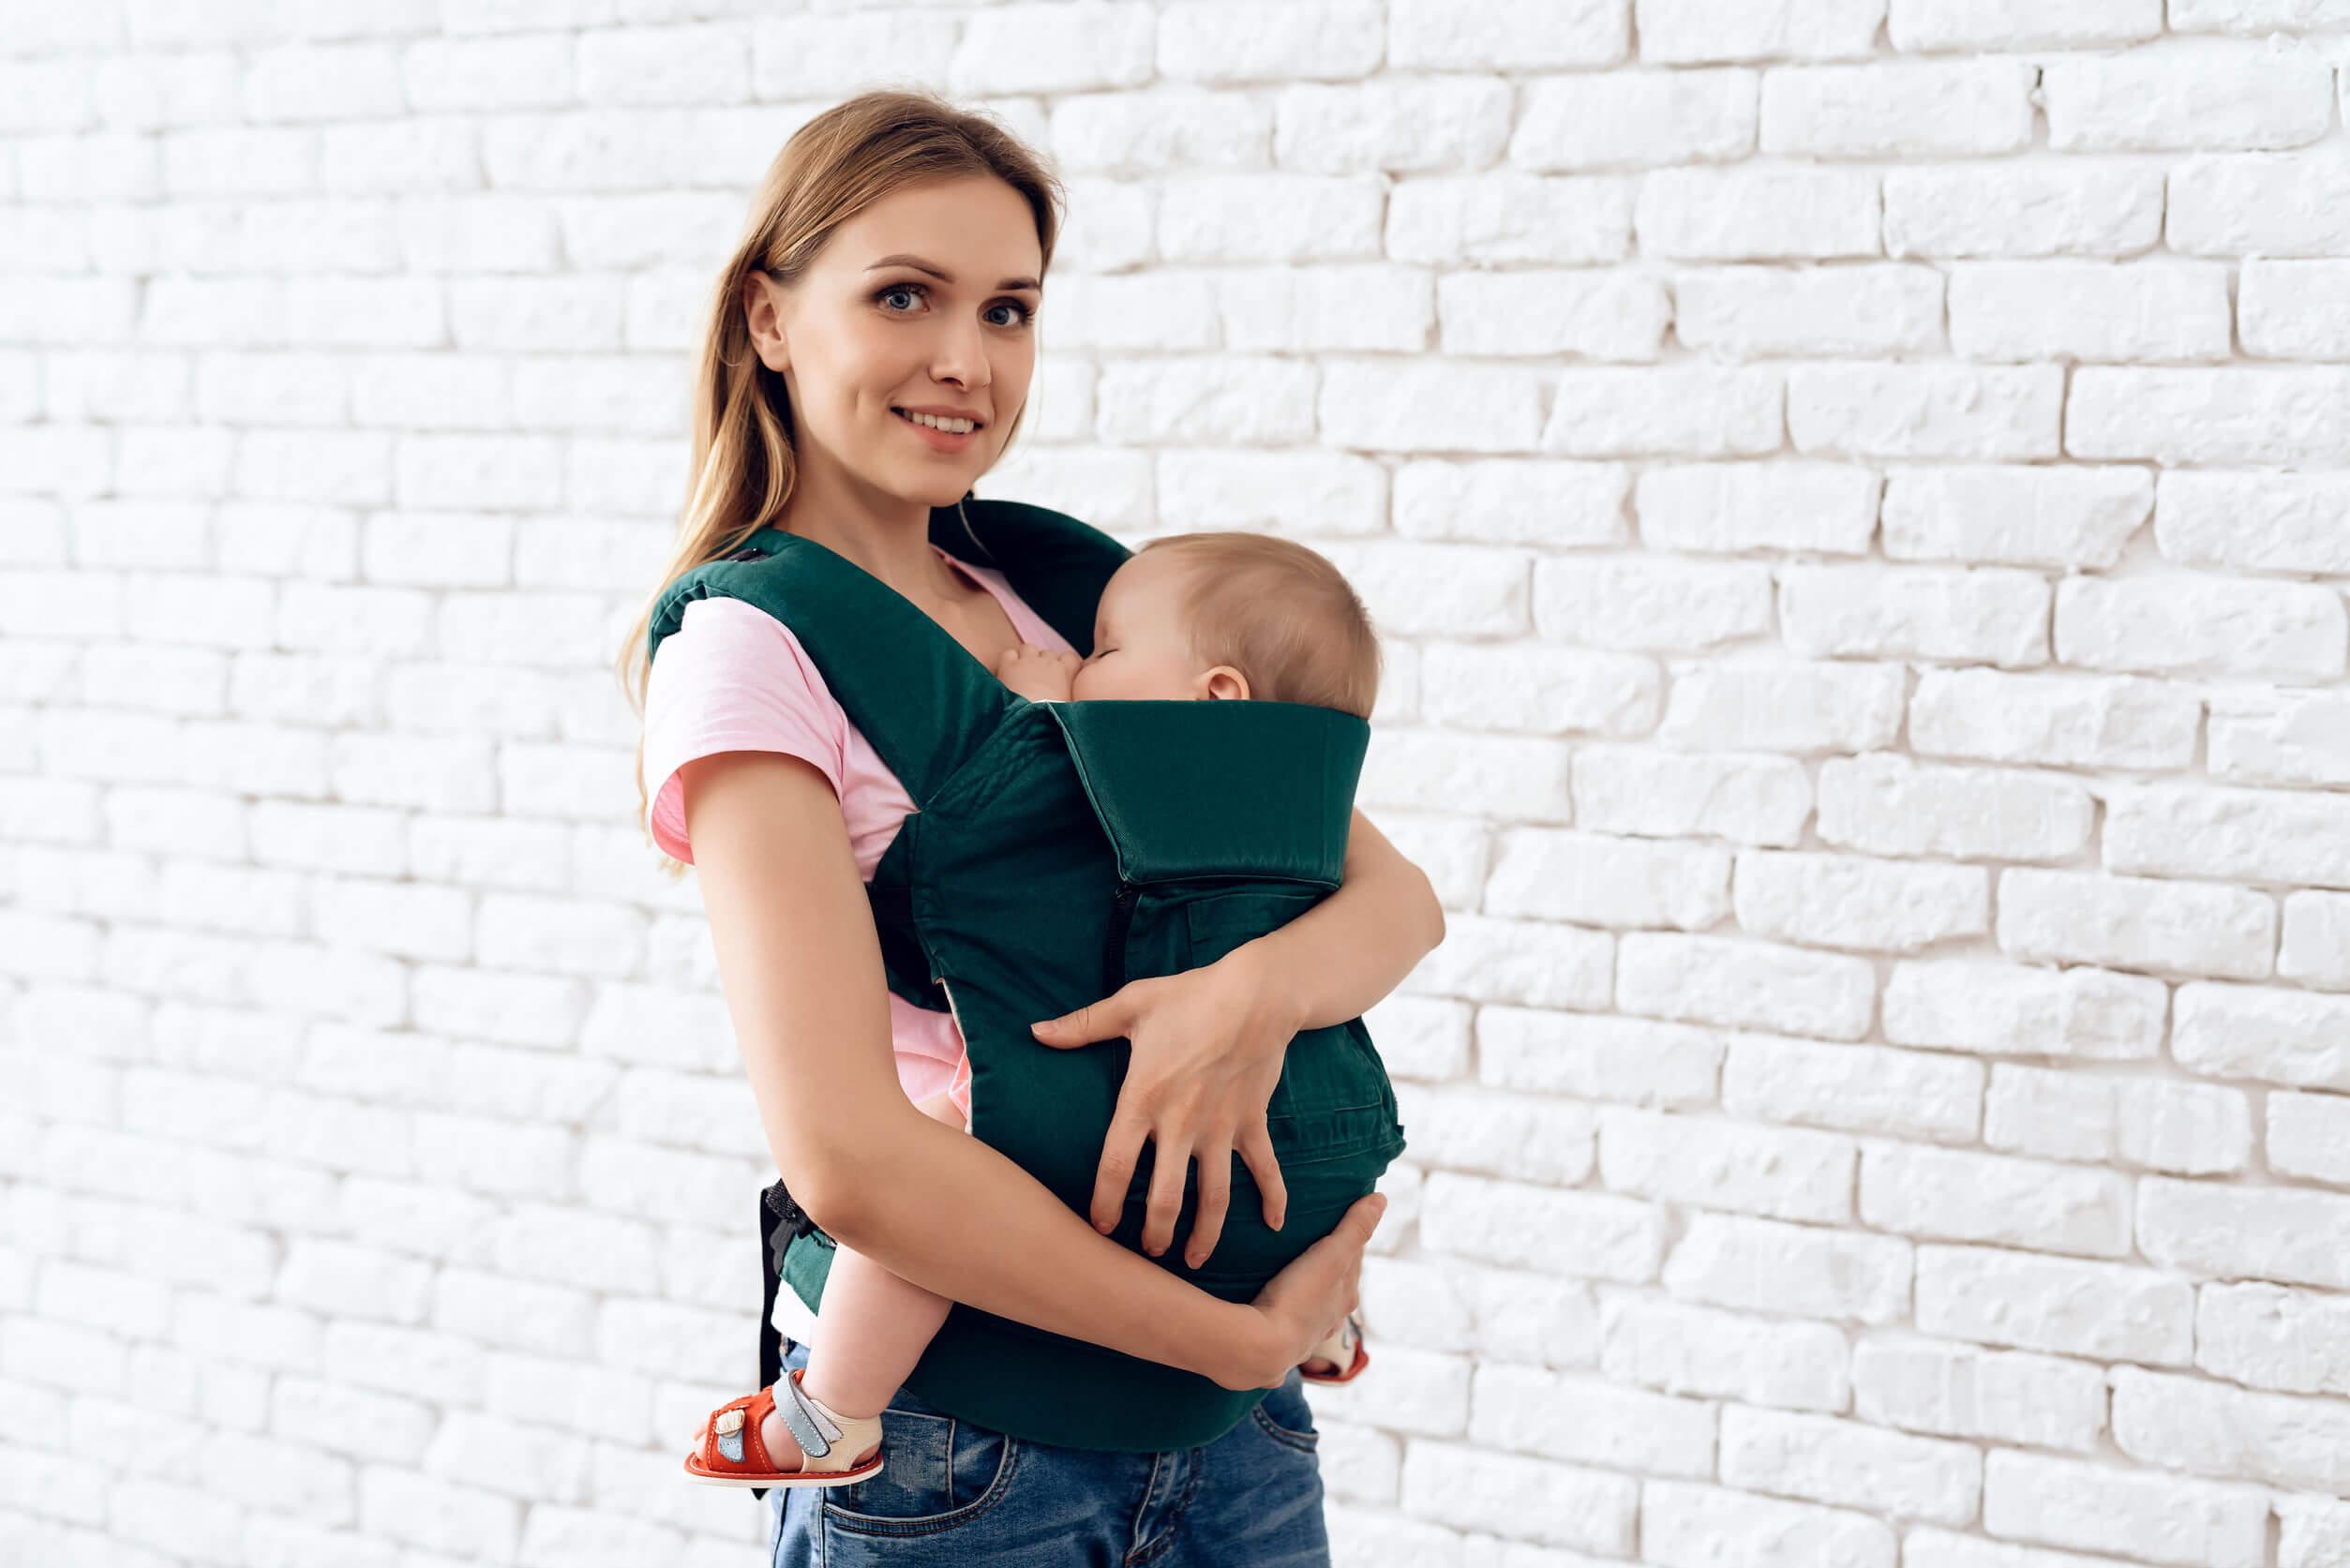 Madre con su hijo probando una mochila postabebés.